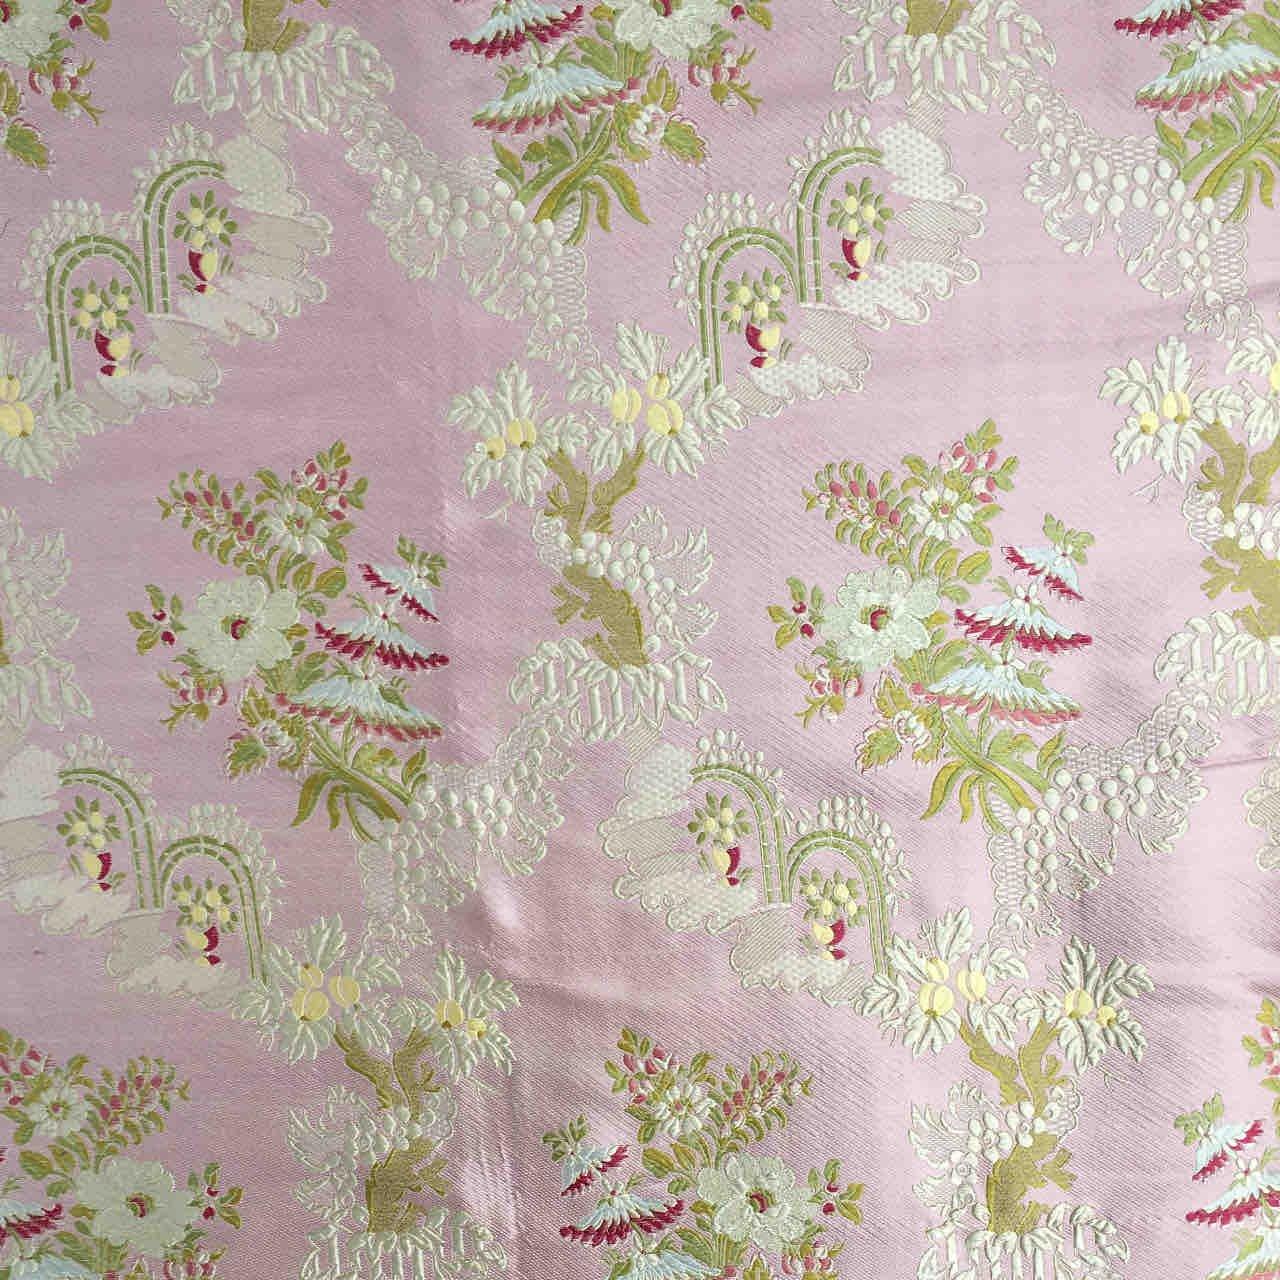 フランス生地 シルク100% フラワージャカード 《シャントルー》 ピンク